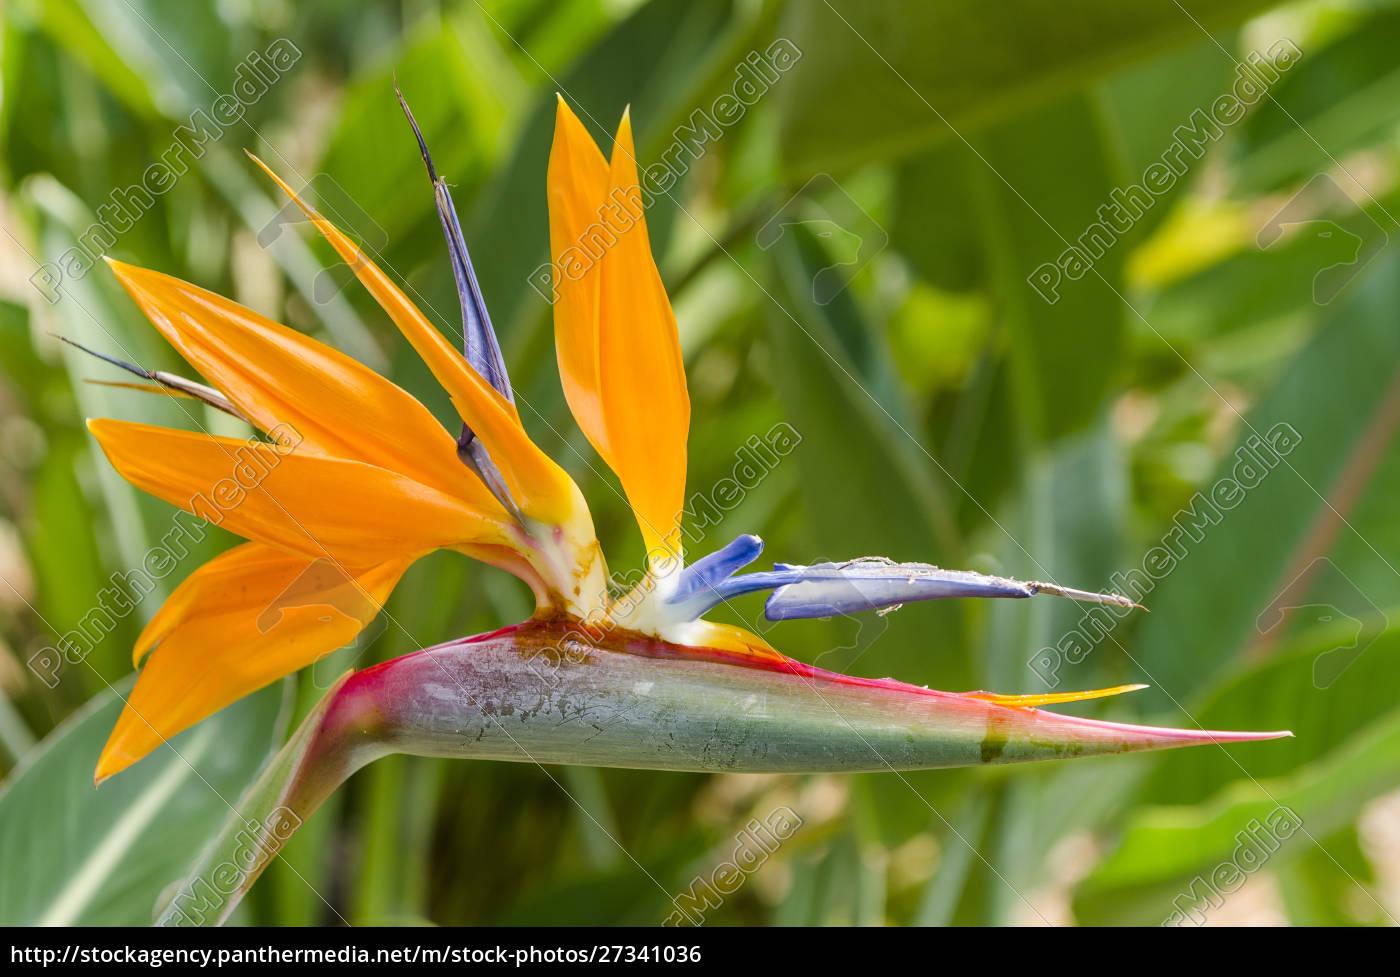 bird, of, paradise, (strelitzia, reginae), in - 27341036